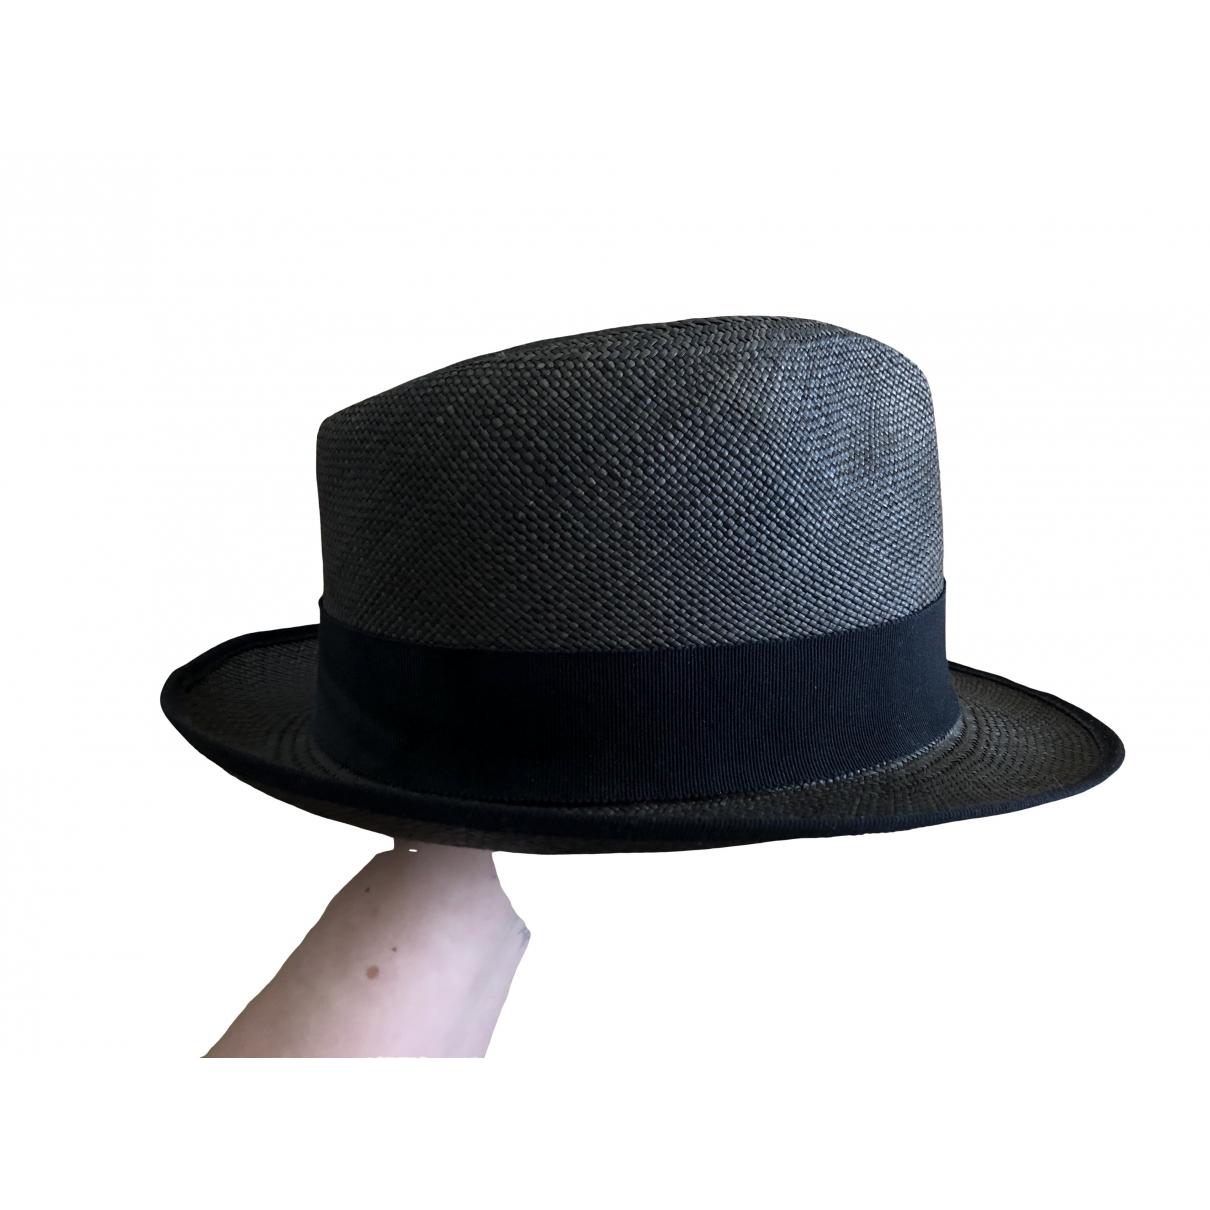 Sombreros en Paja Antracita Muhlbauer